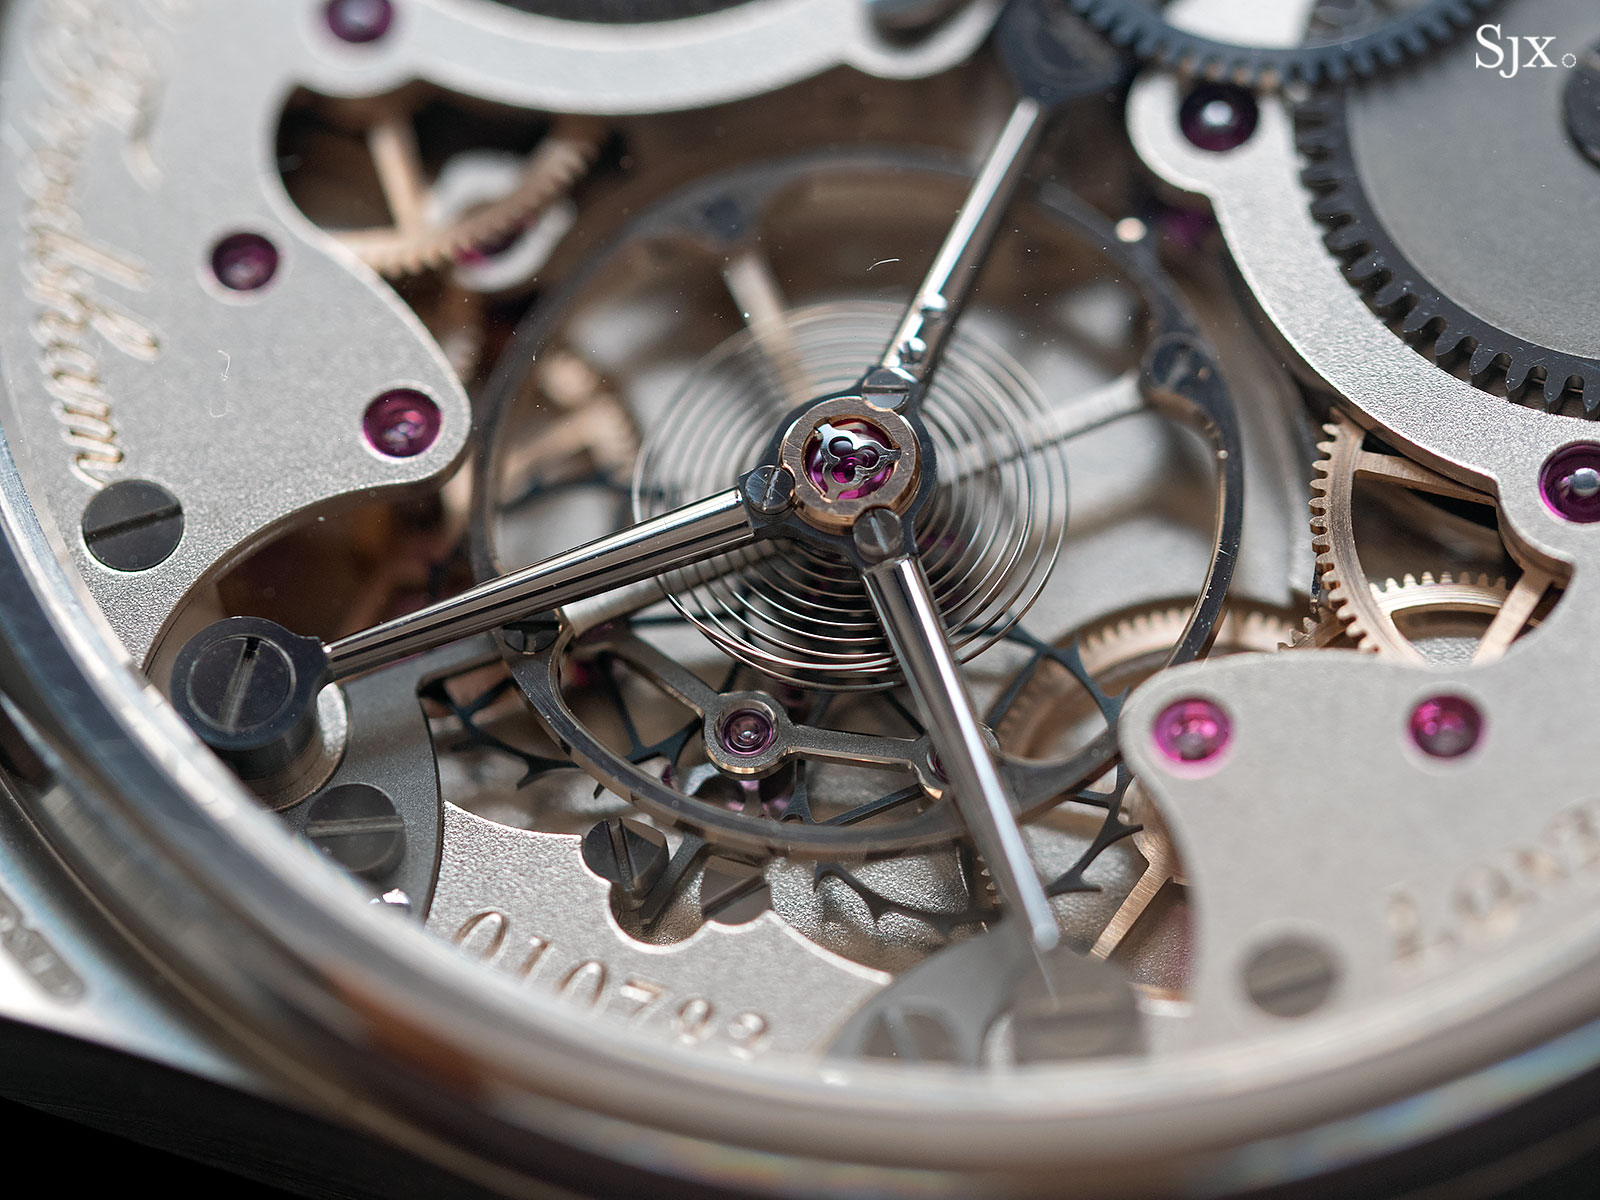 Frodsham Double Impulse wristwatch steel 5